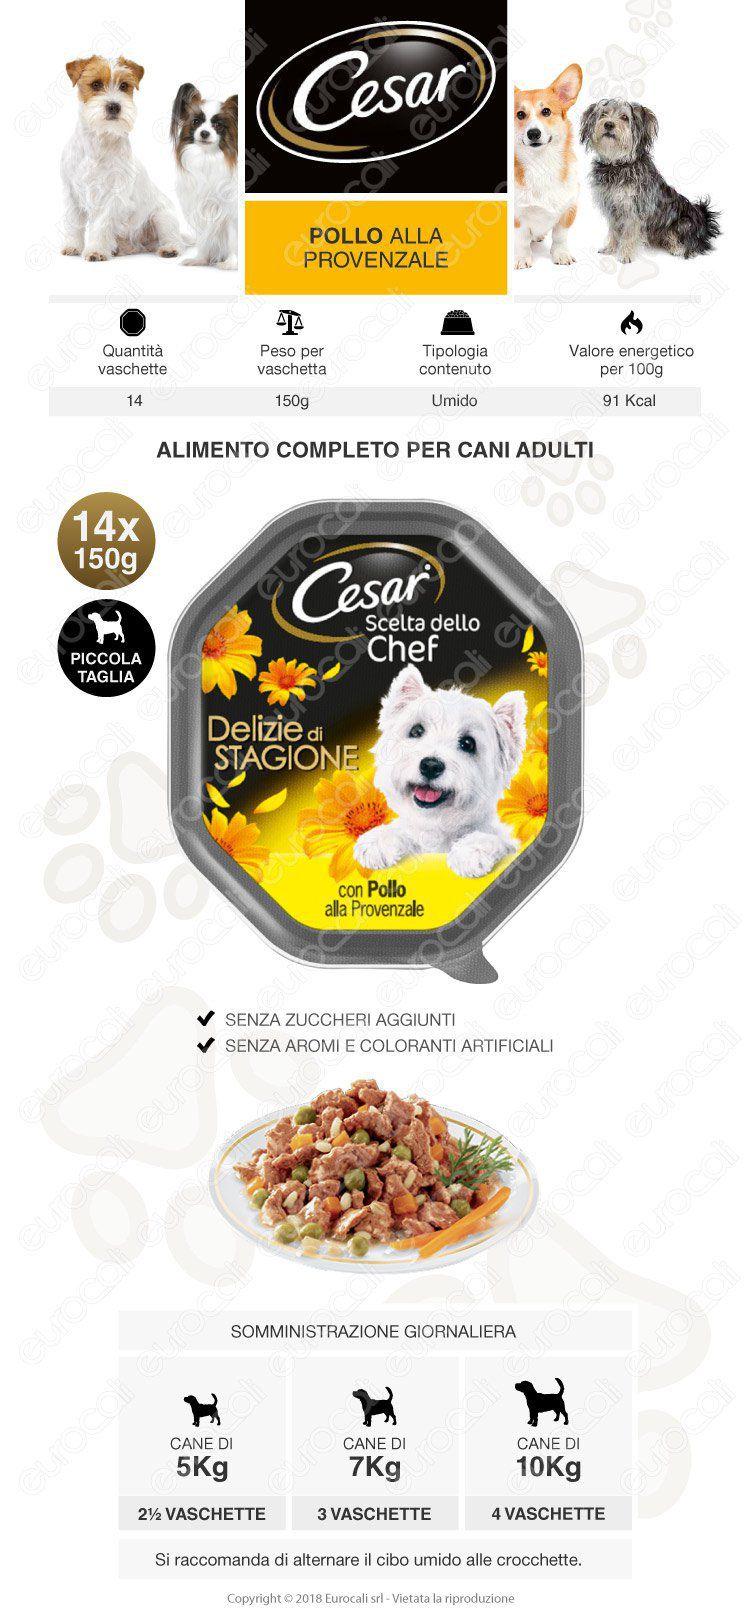 Cesar Scelta dello Chef Delizie di Stagione Cibo per Cani con Pollo alla Provenzale 14 Vaschette da 150g